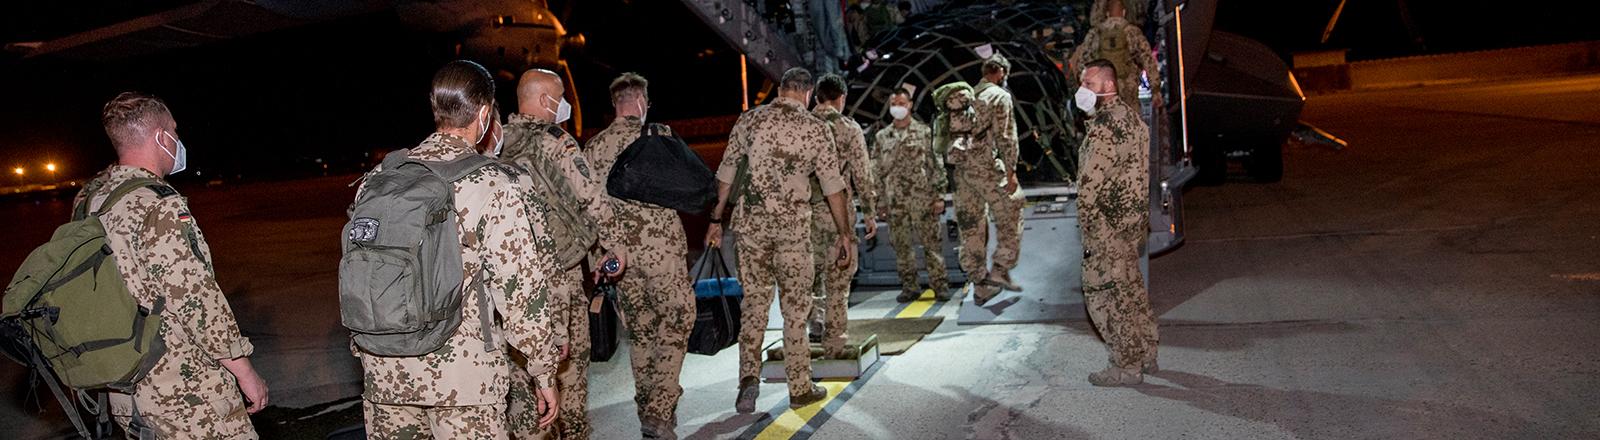 Soldaten der Bundeswehr steigen in Afghanistan in eine Transportflugzeug ein; sie tragen Rucksäcke und Taschen (27.06.2021)